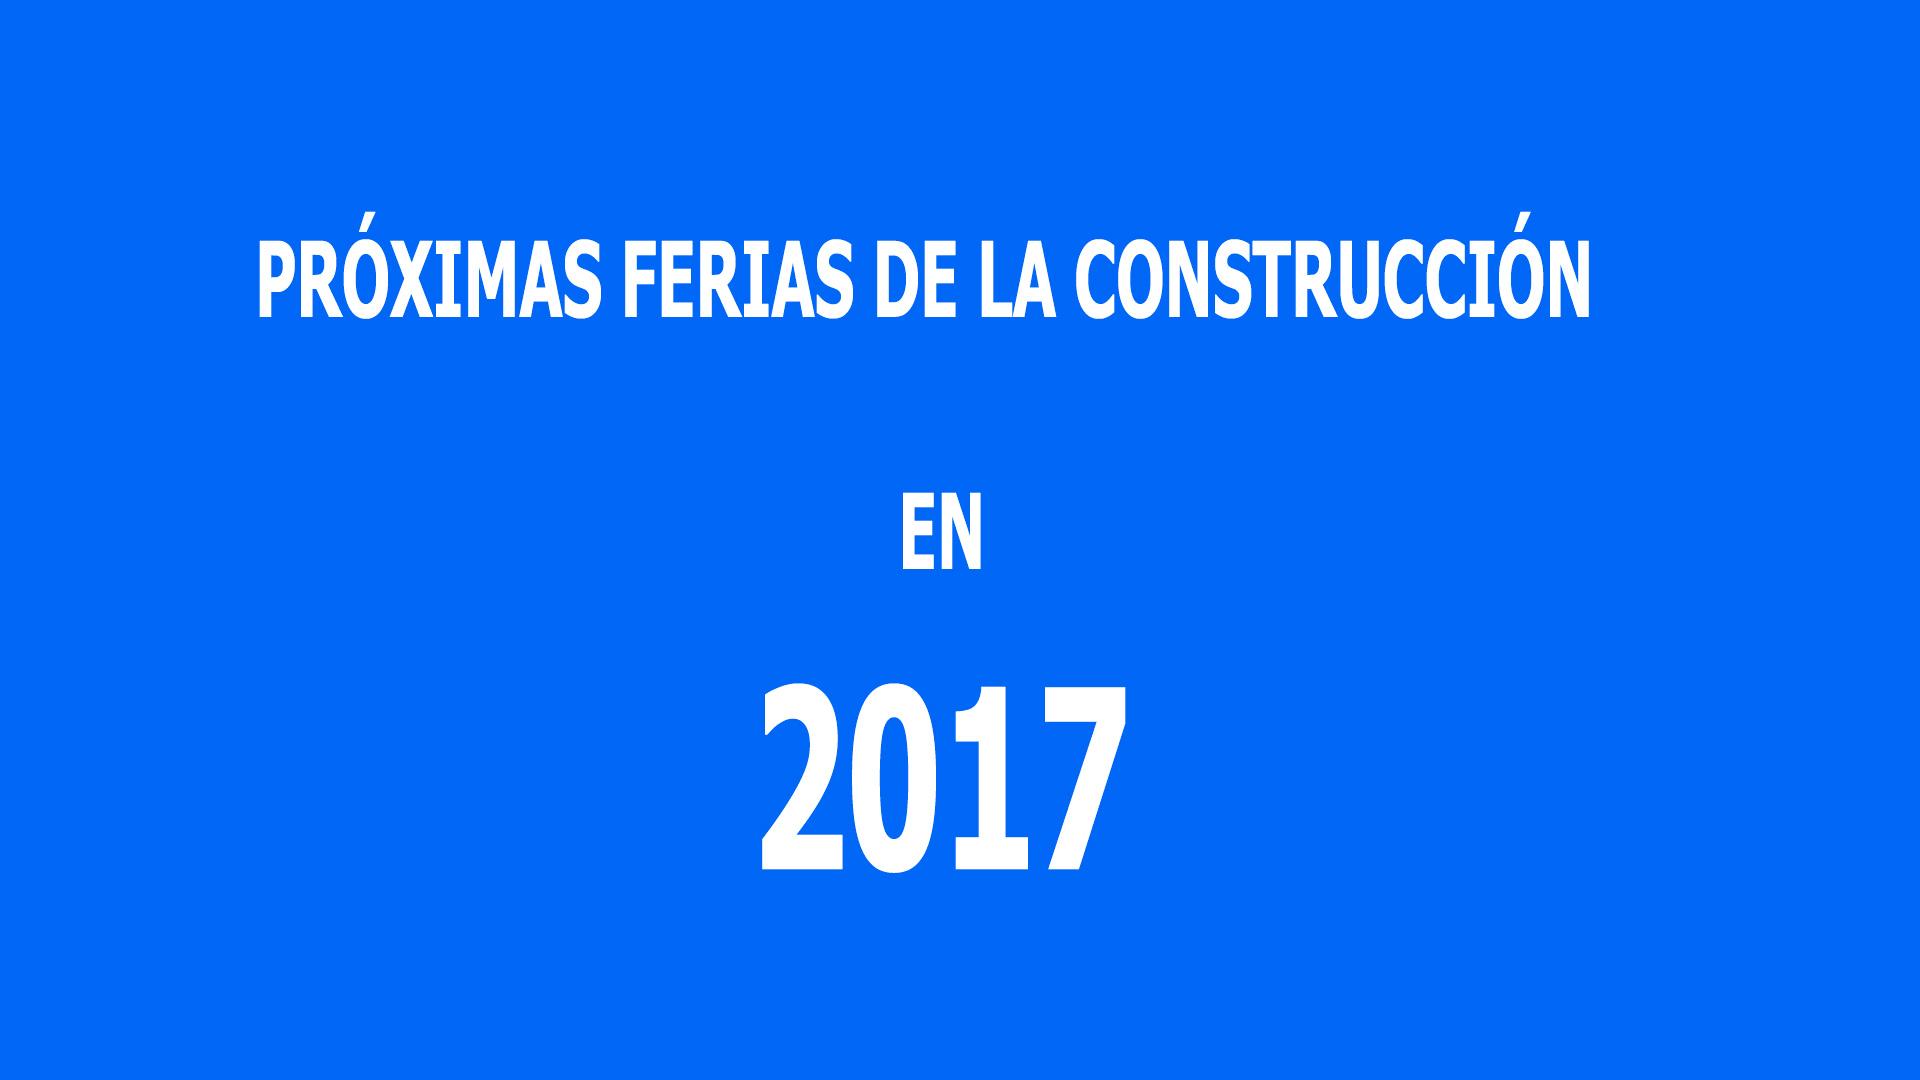 Pr ximas ferias de la construcci n en 2017 for Proximas ferias en barcelona